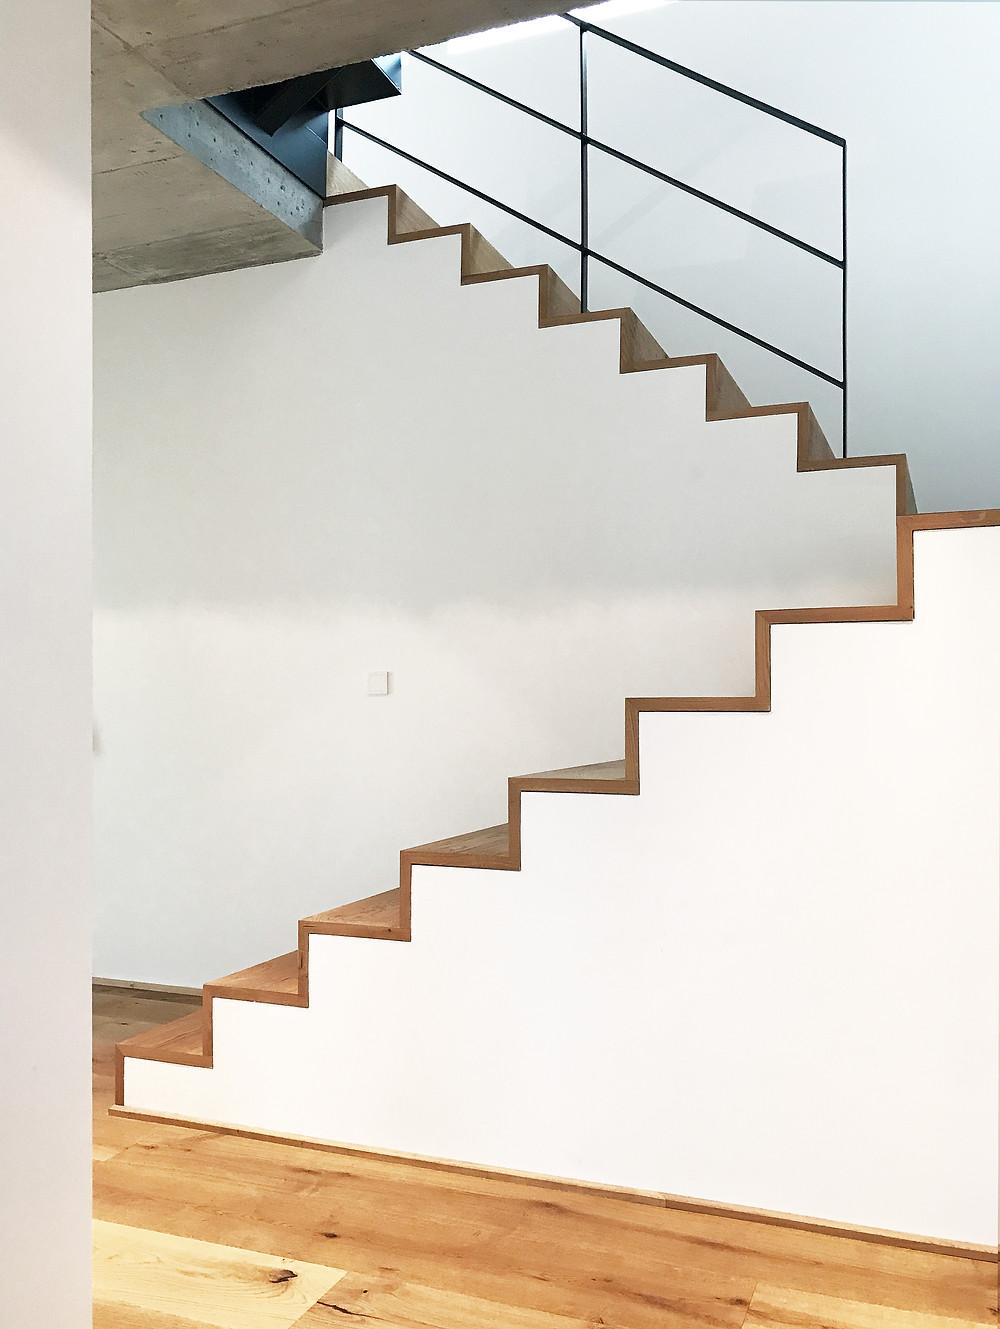 Wohnhaus in Herdecke - Treppe EG - kirschnick architektur BDA